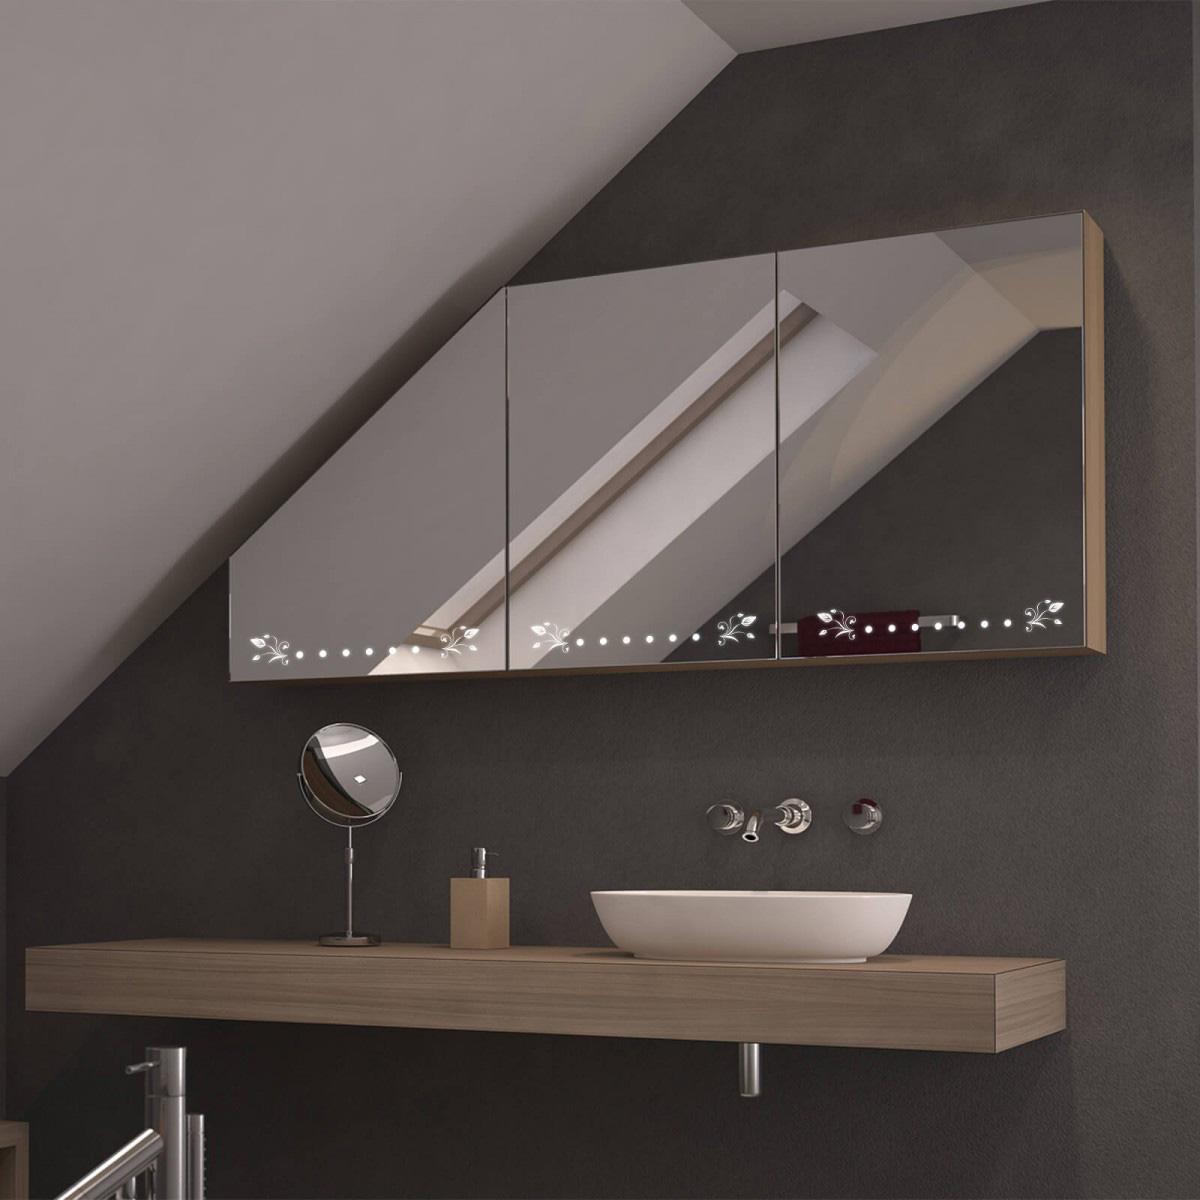 Dachschrägen-Spiegelschrank Filori